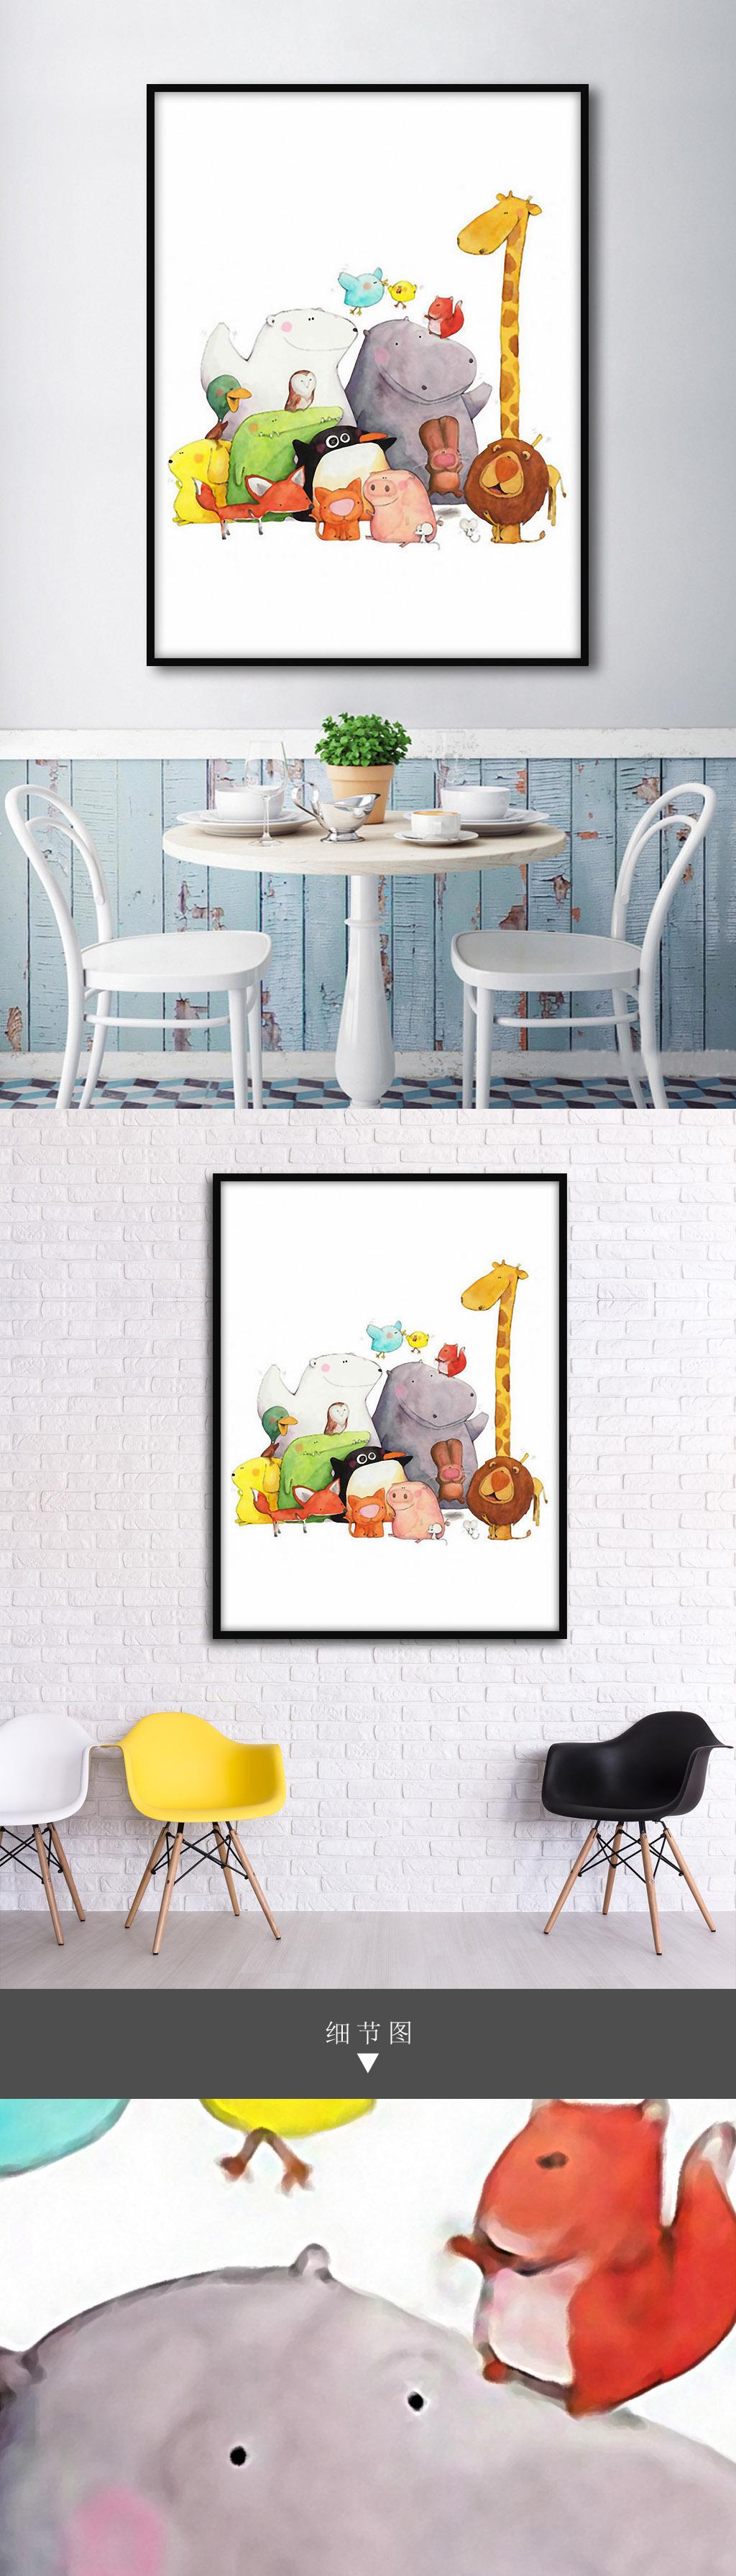 动物世界可爱手绘现代卡通欧式家居装饰画